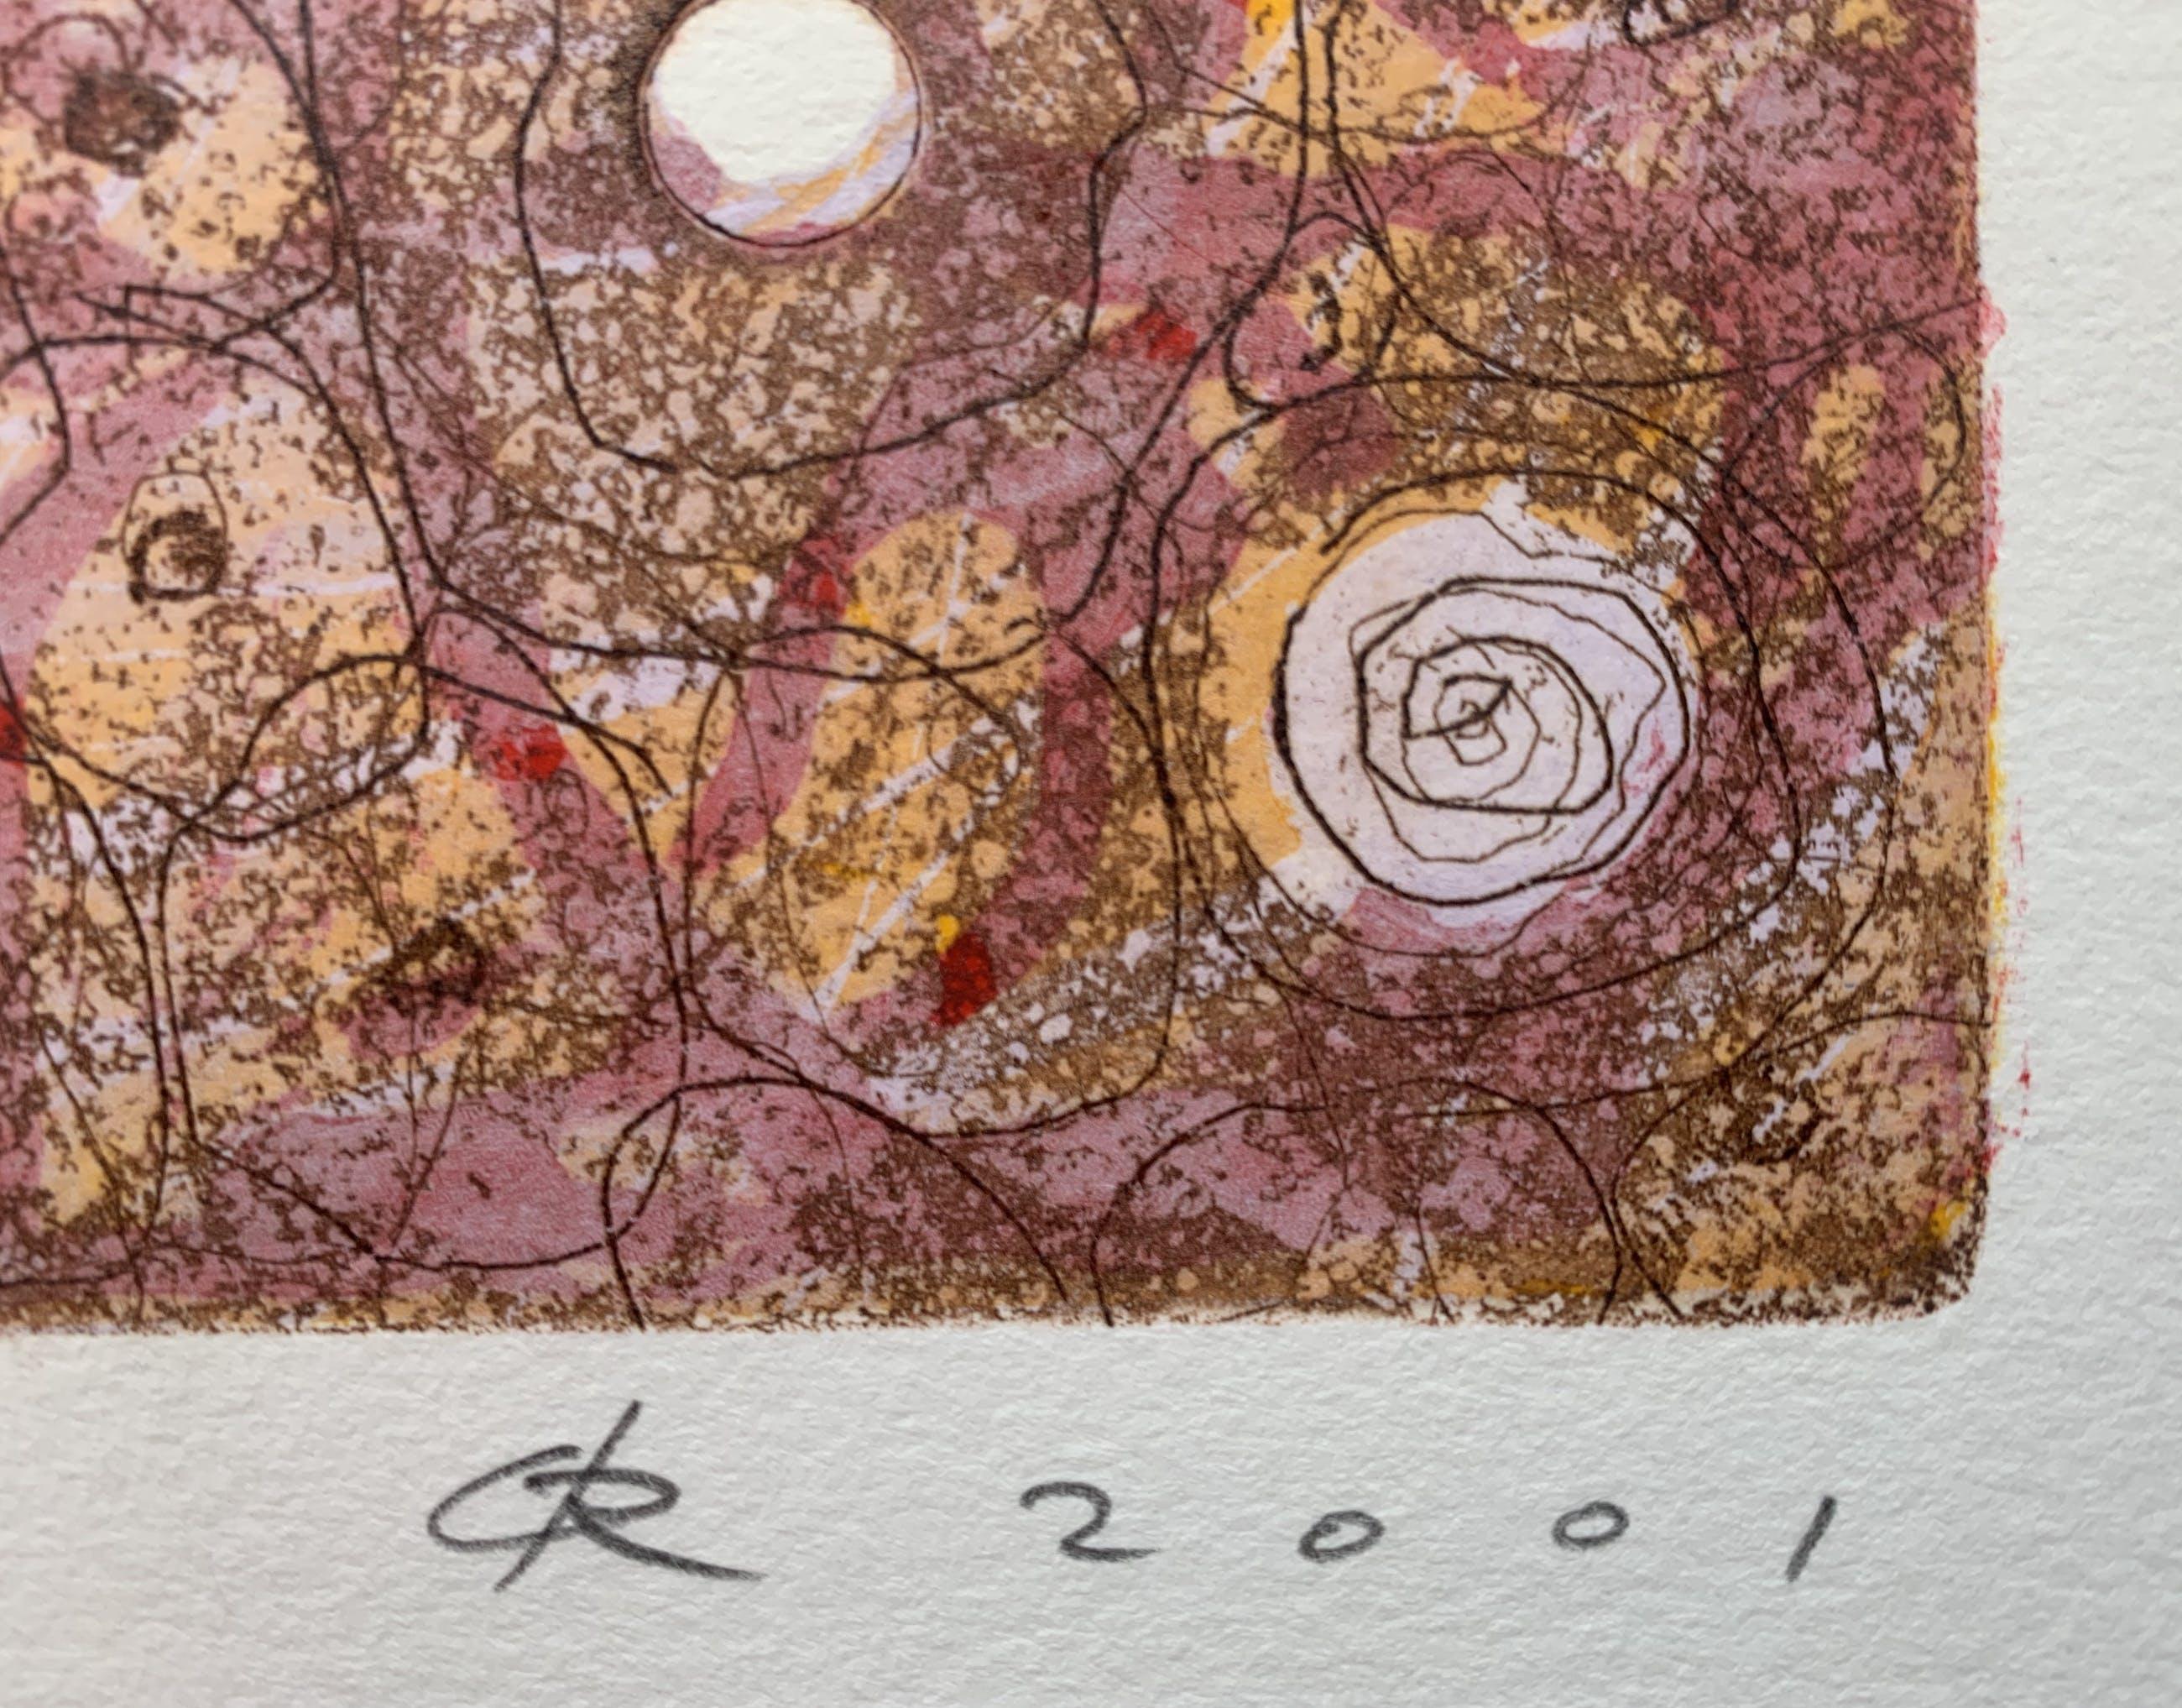 Rob de Graaf - ets/houtsnede   'Unus Mundus'   2001 kopen? Bied vanaf 75!